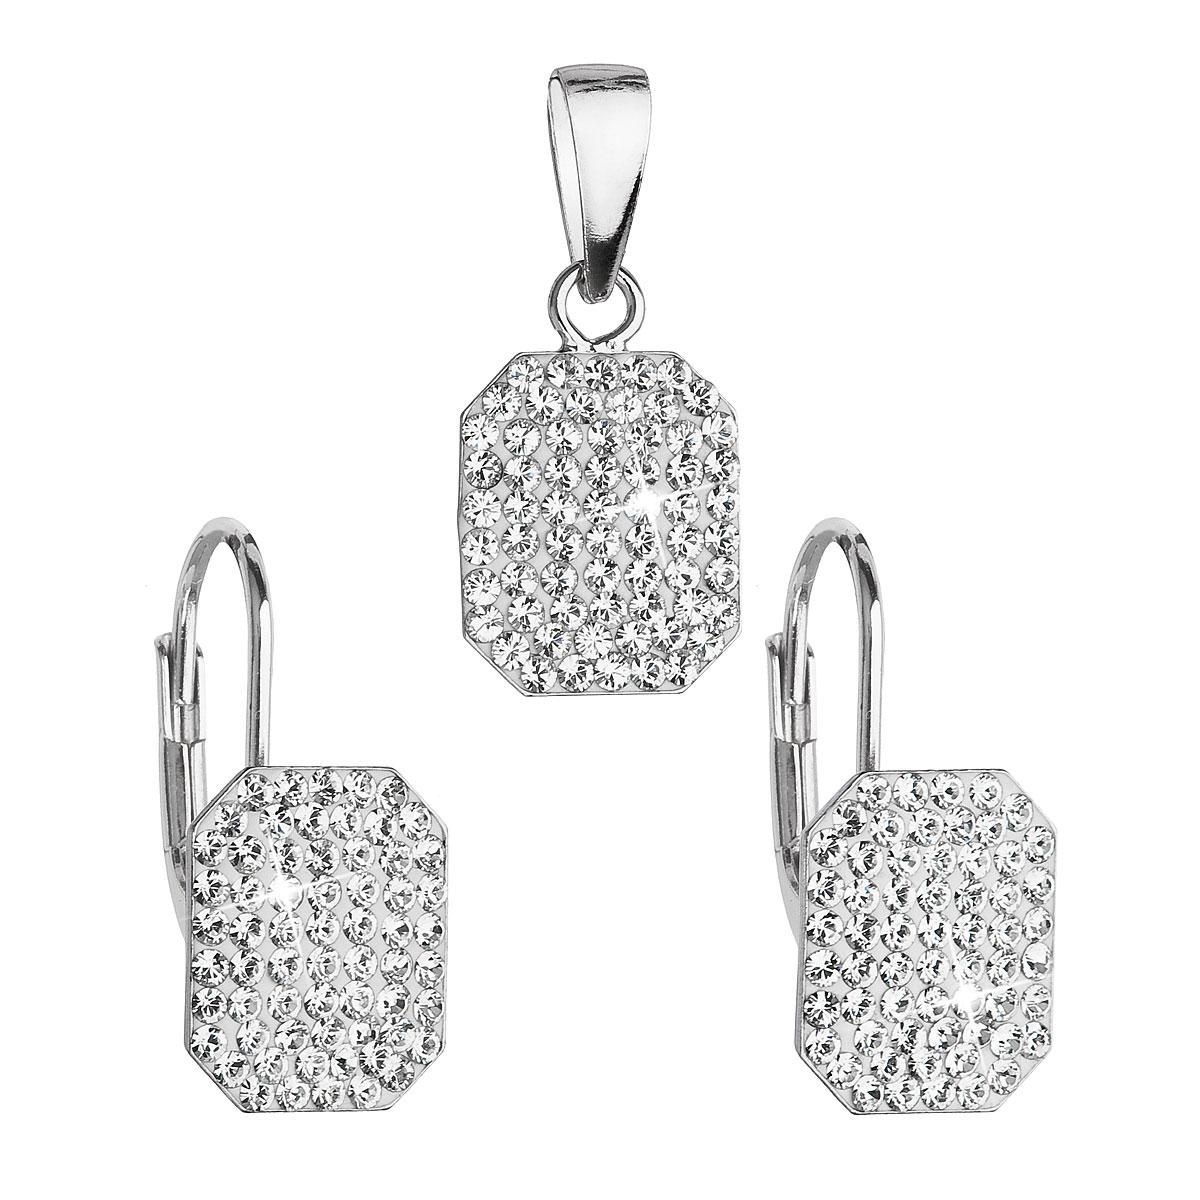 Sada šperků s krystaly Swarovski náušnice a přívěsek bílé obdélník 39156.1